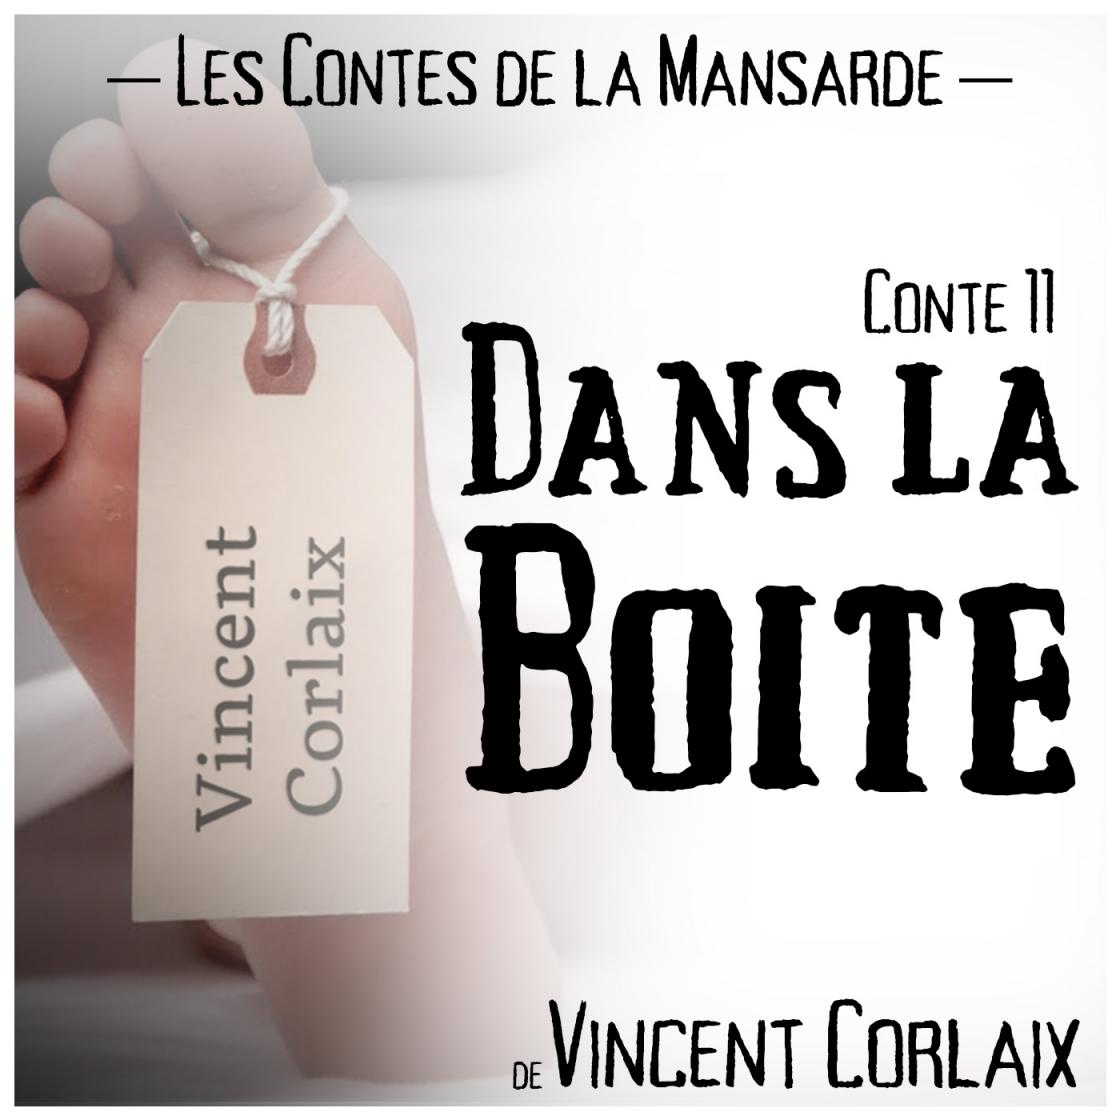 Conte n°11 - Dans la boite